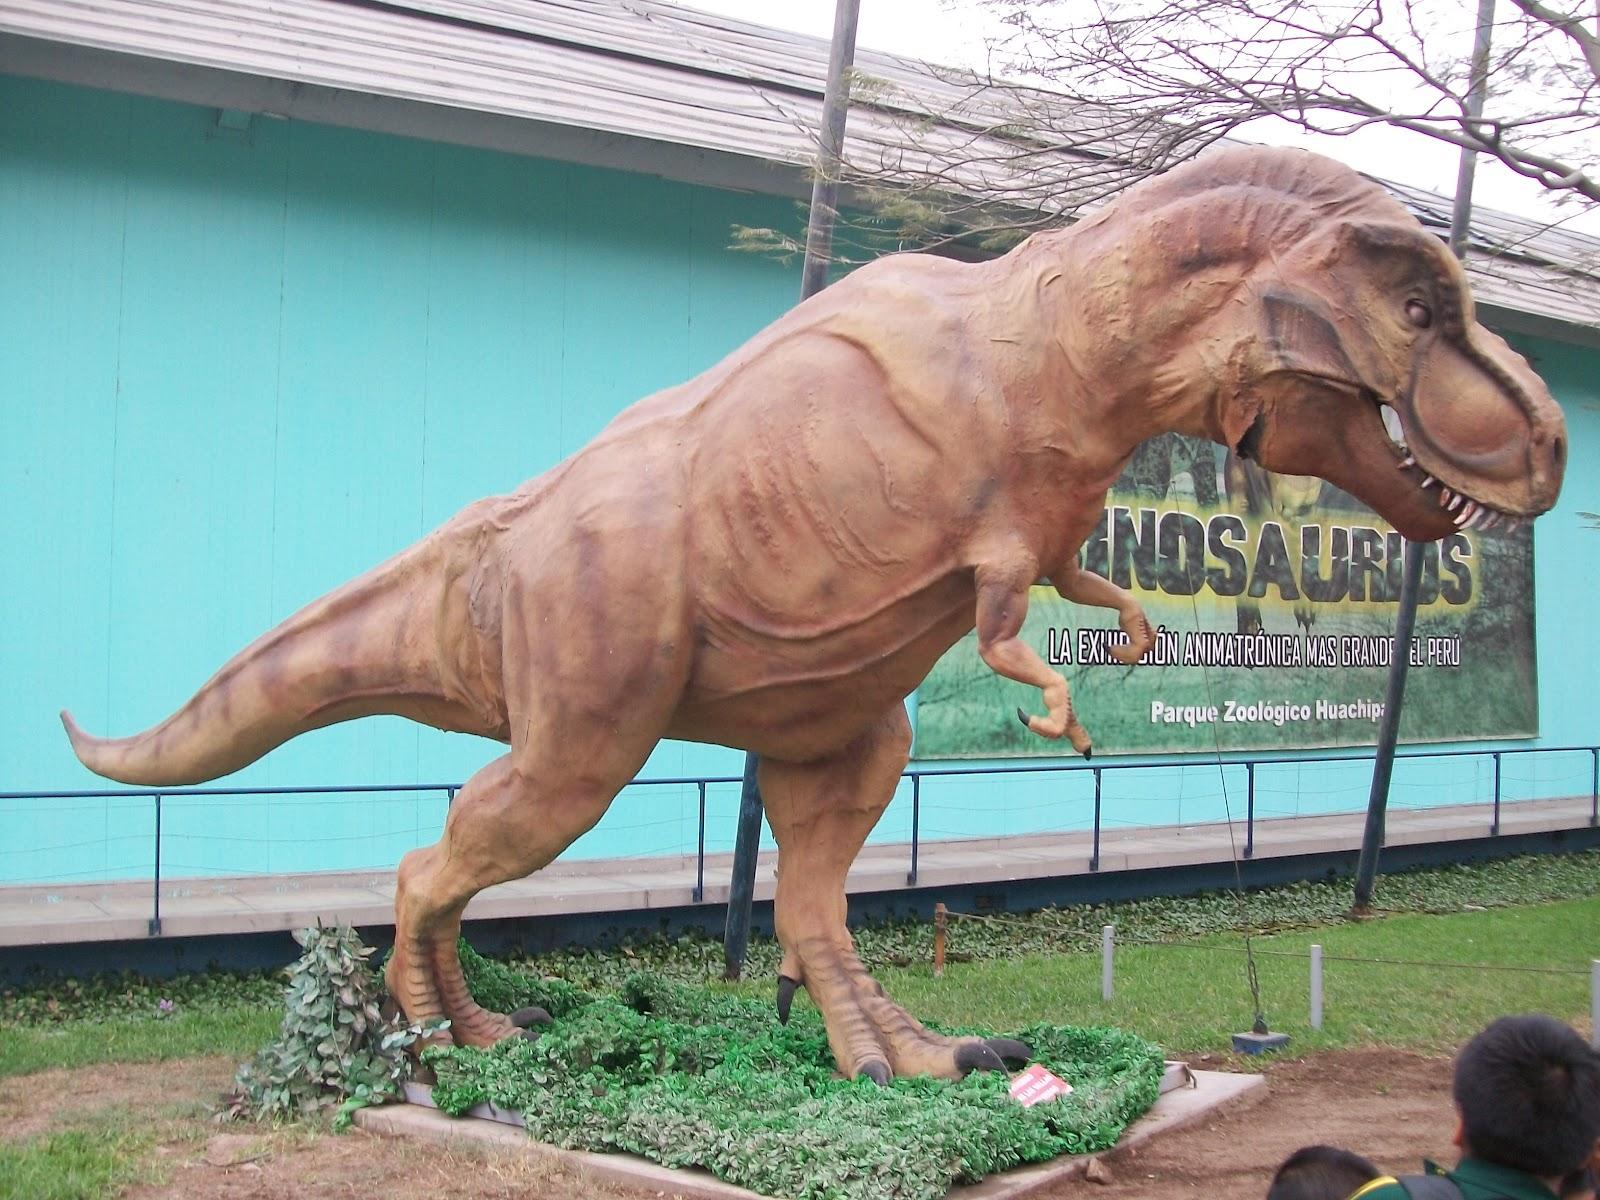 Paseo En Huachipa Mundo Paleolitico Además del movimiento de los reptiles, las luces y sonidos consiguen transportarte al hábitat de estos seres prehistóricos. paseo en huachipa blogger